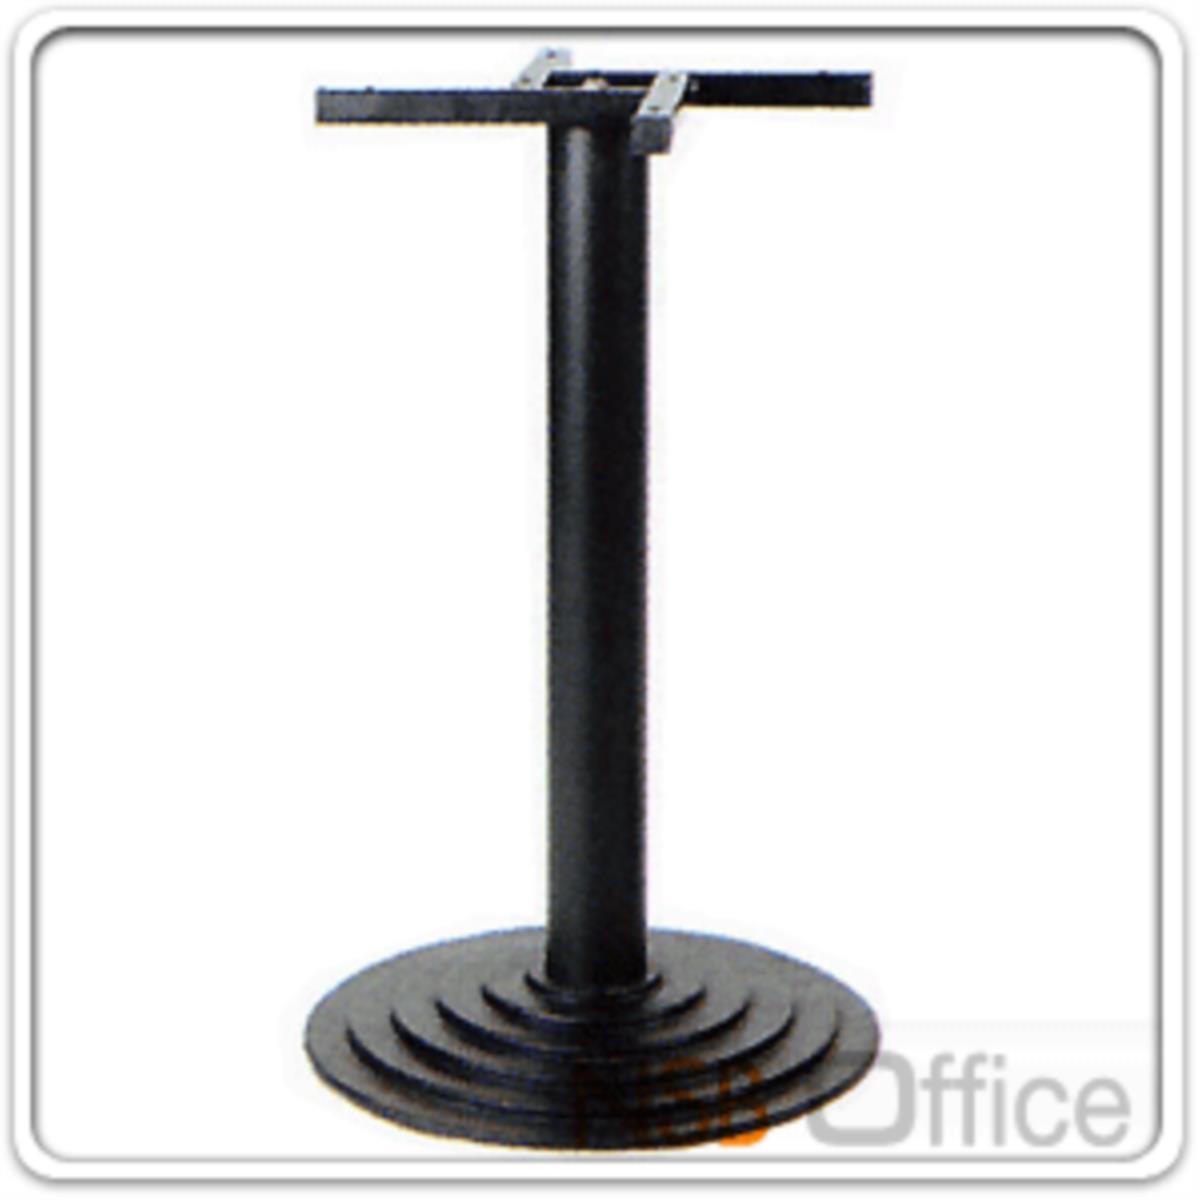 ขาโต๊ะบาร์ รุ่น Packard 2 (แพ็คคาร์ด 2) ขนาด 43W*70H cm.  ขาเหล็กจานกลมพ่นดำ